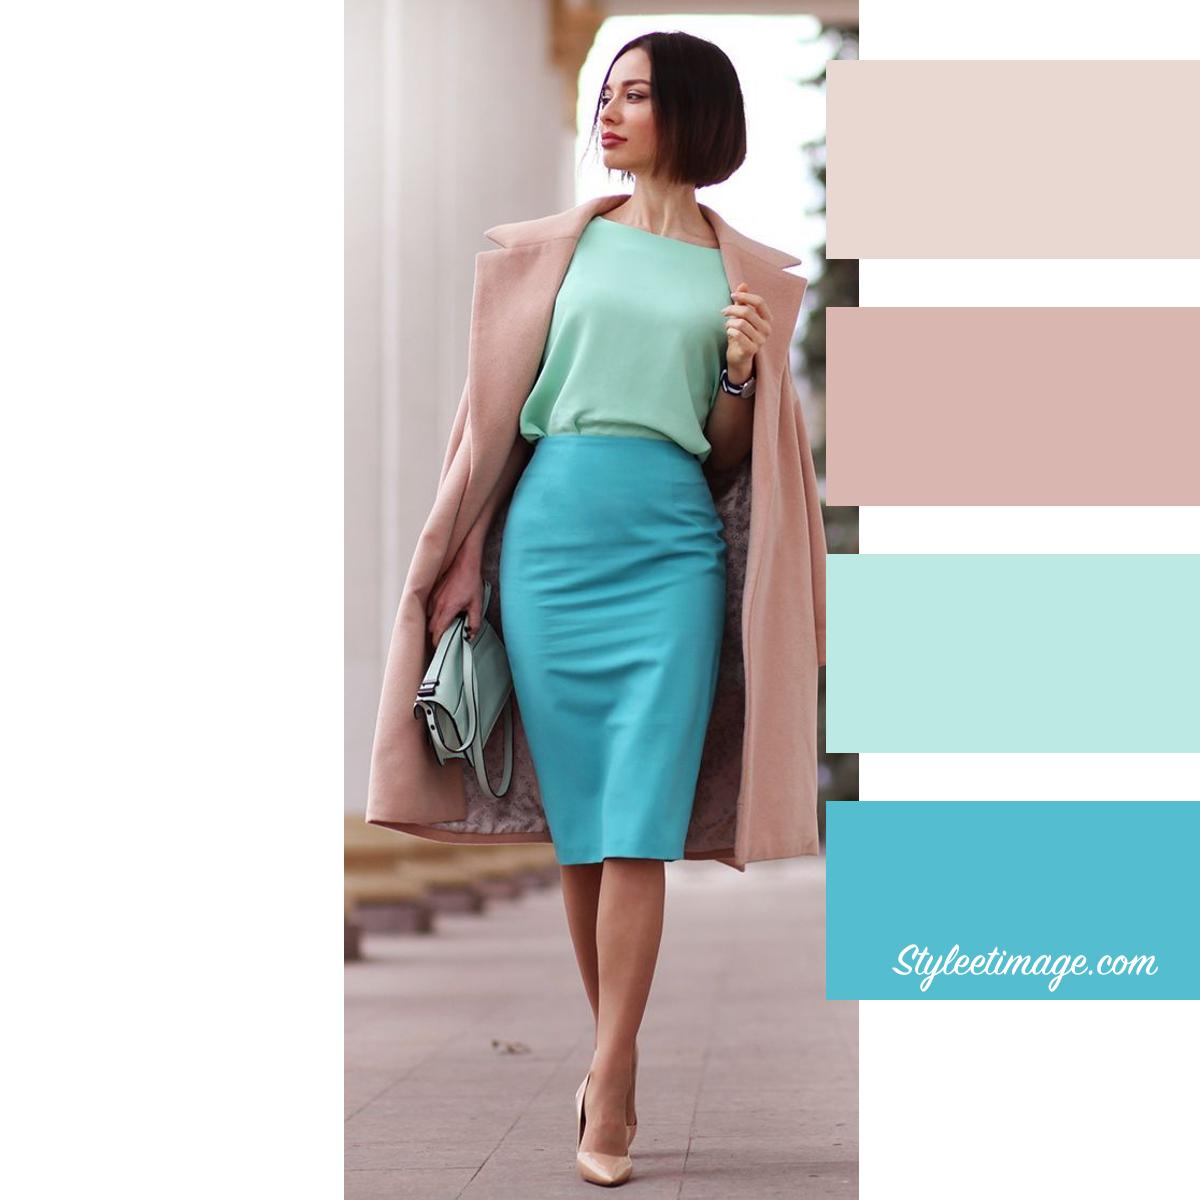 v u00eatements  15 id u00e9es pour associer les couleurs